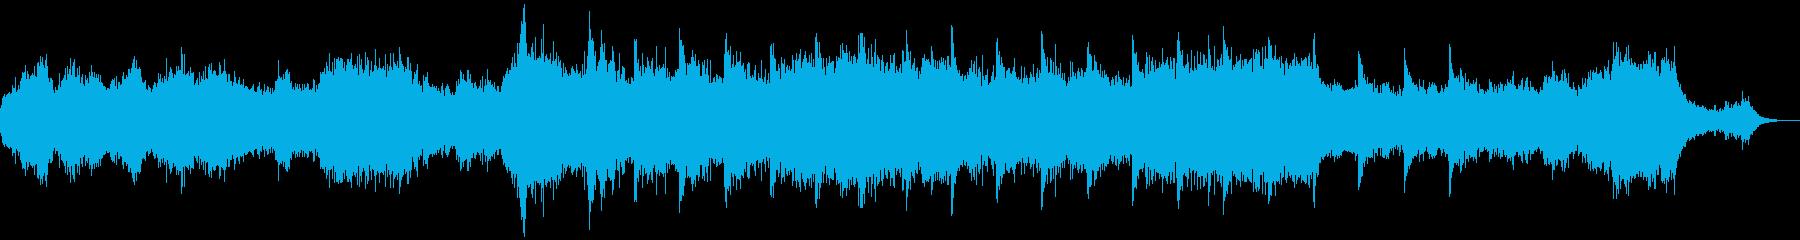 BGMとしてお使いくださいの再生済みの波形